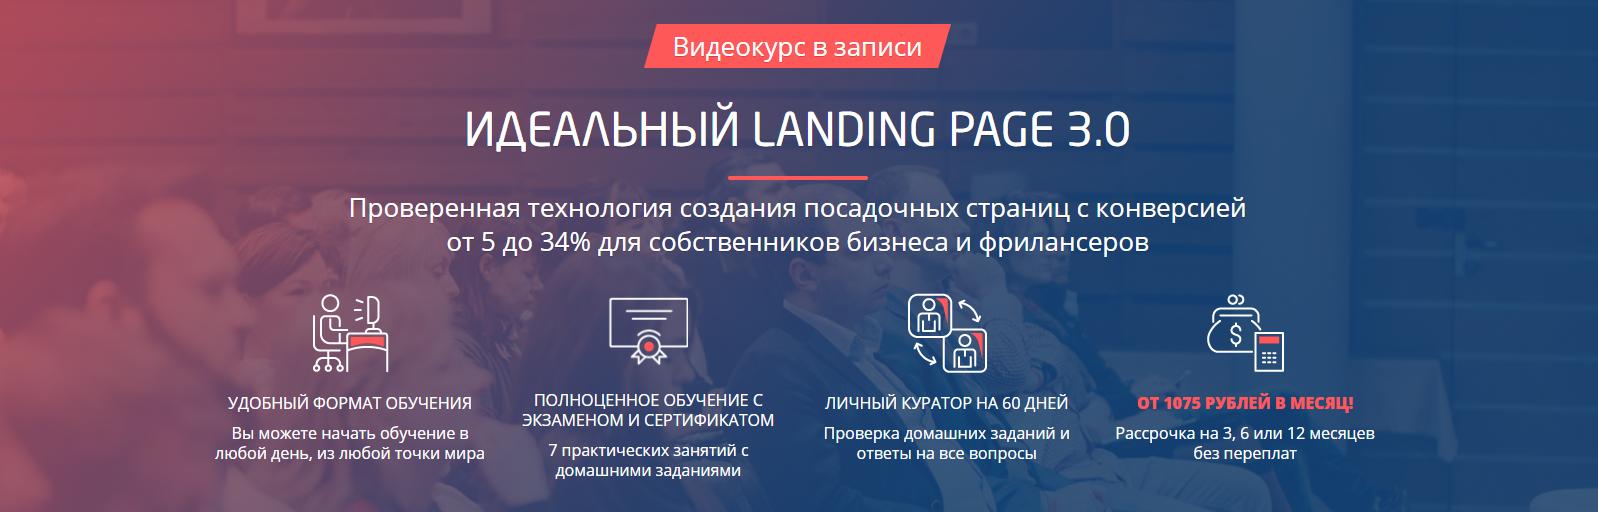 Курс ConvertMonster - Идеальный Landing Page 3.0 - отзывы и  стоимость